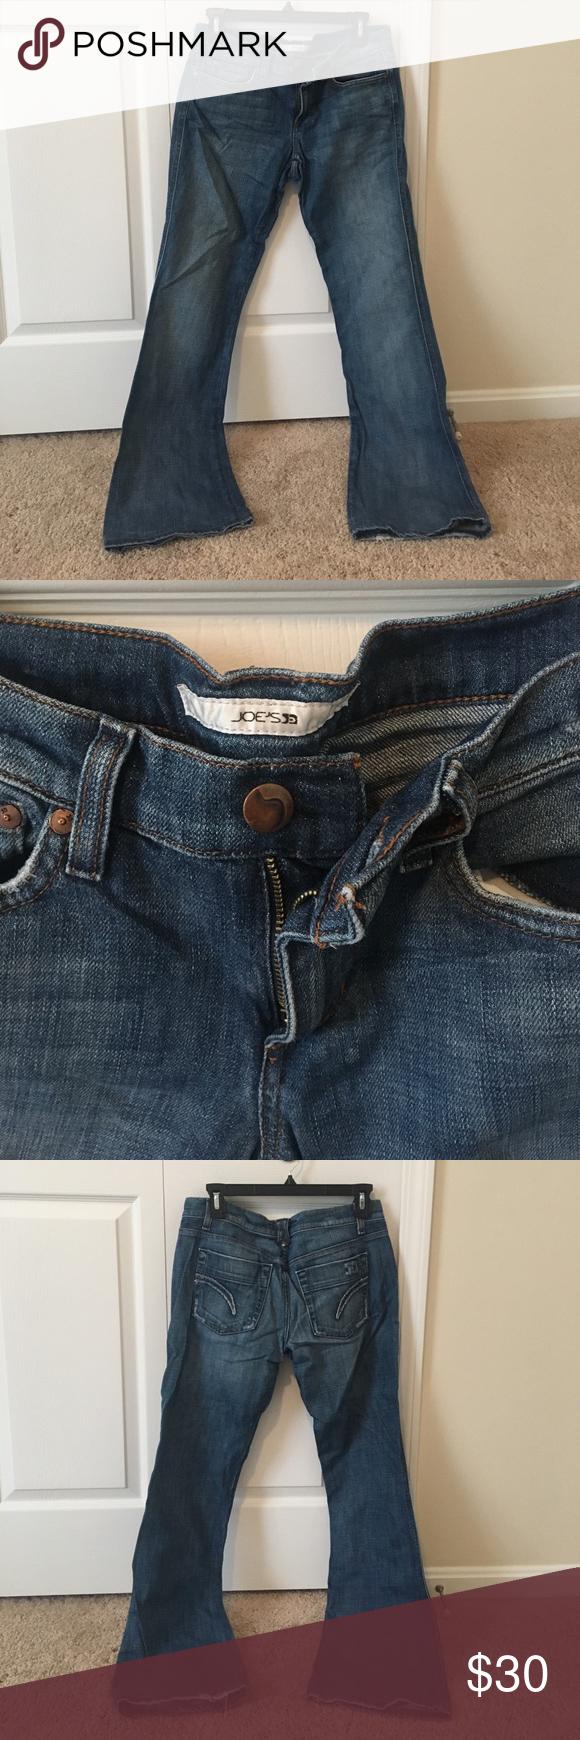 """Joe's """"Rocker"""" jean Size 28 Flare Joe's Jeans """"Rocker"""" Size 38 Style is a flare jean. Joe's Jeans Jeans Flare & Wide Leg"""